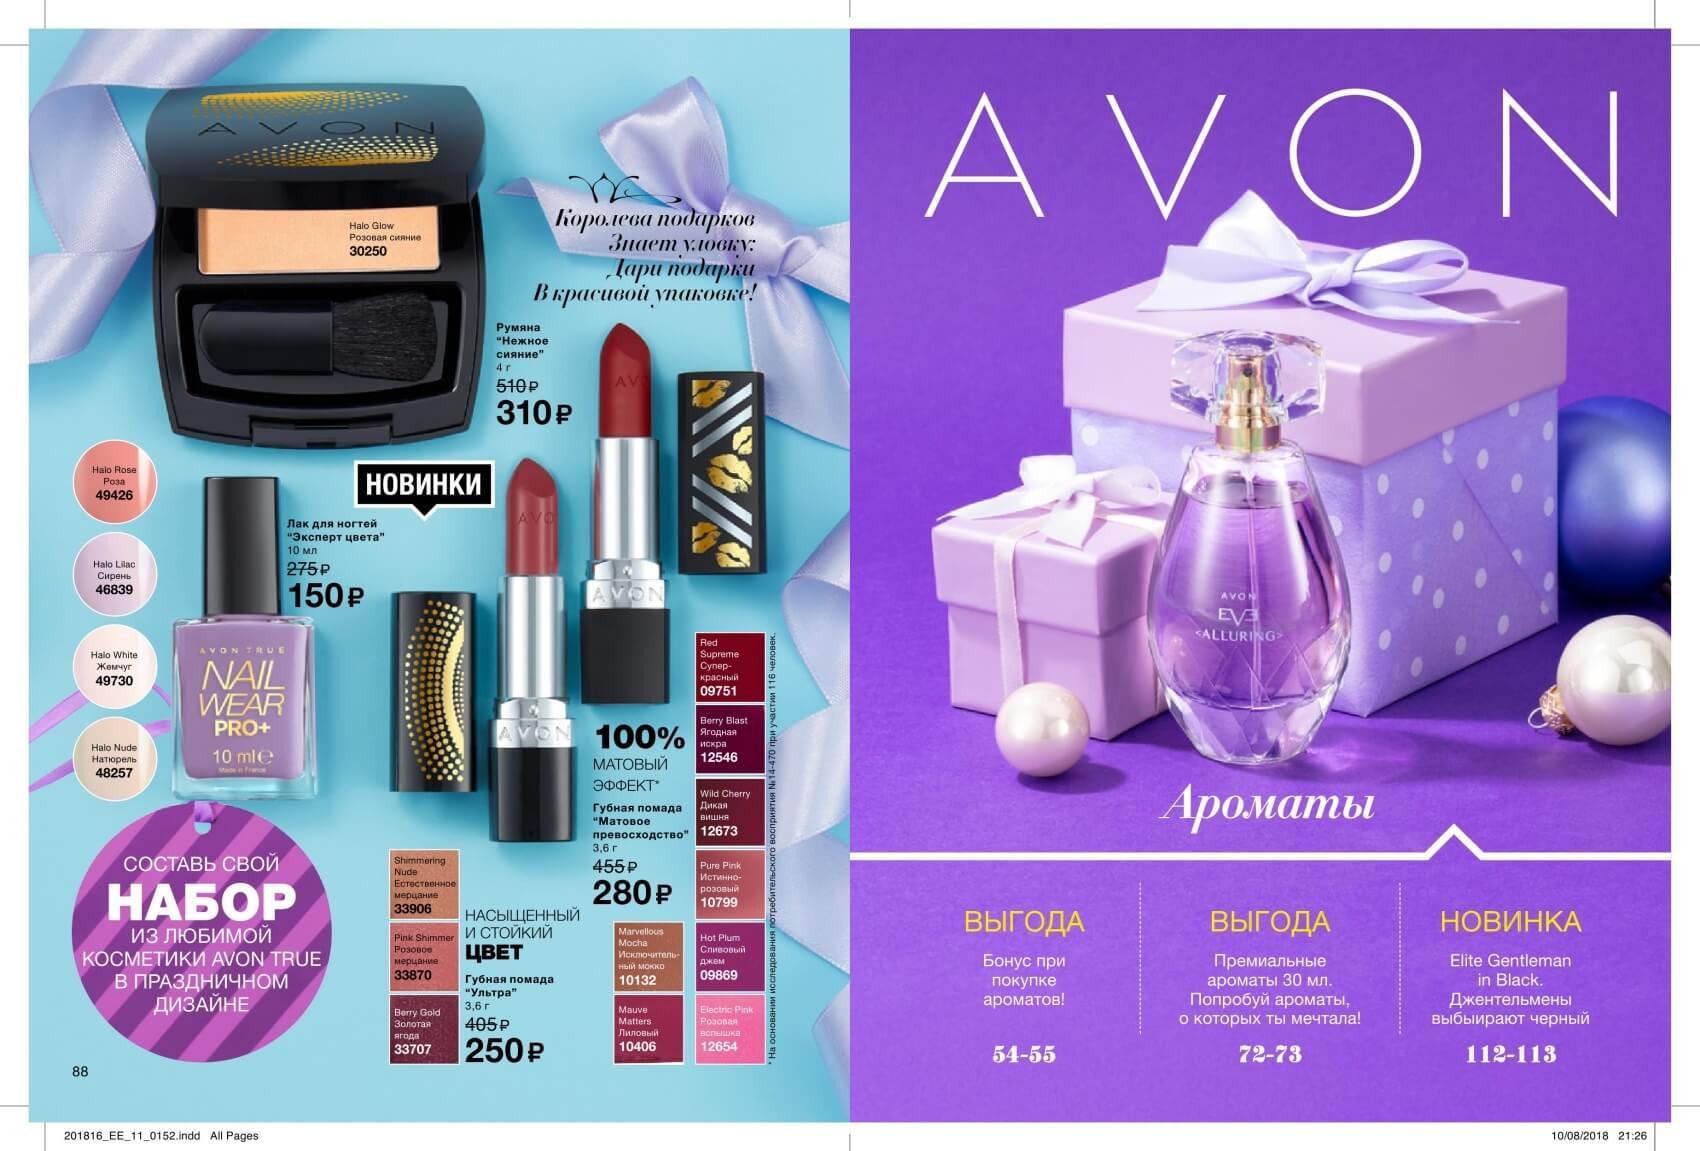 Купить косметику avon украина эйвон косметика адреса магазинов